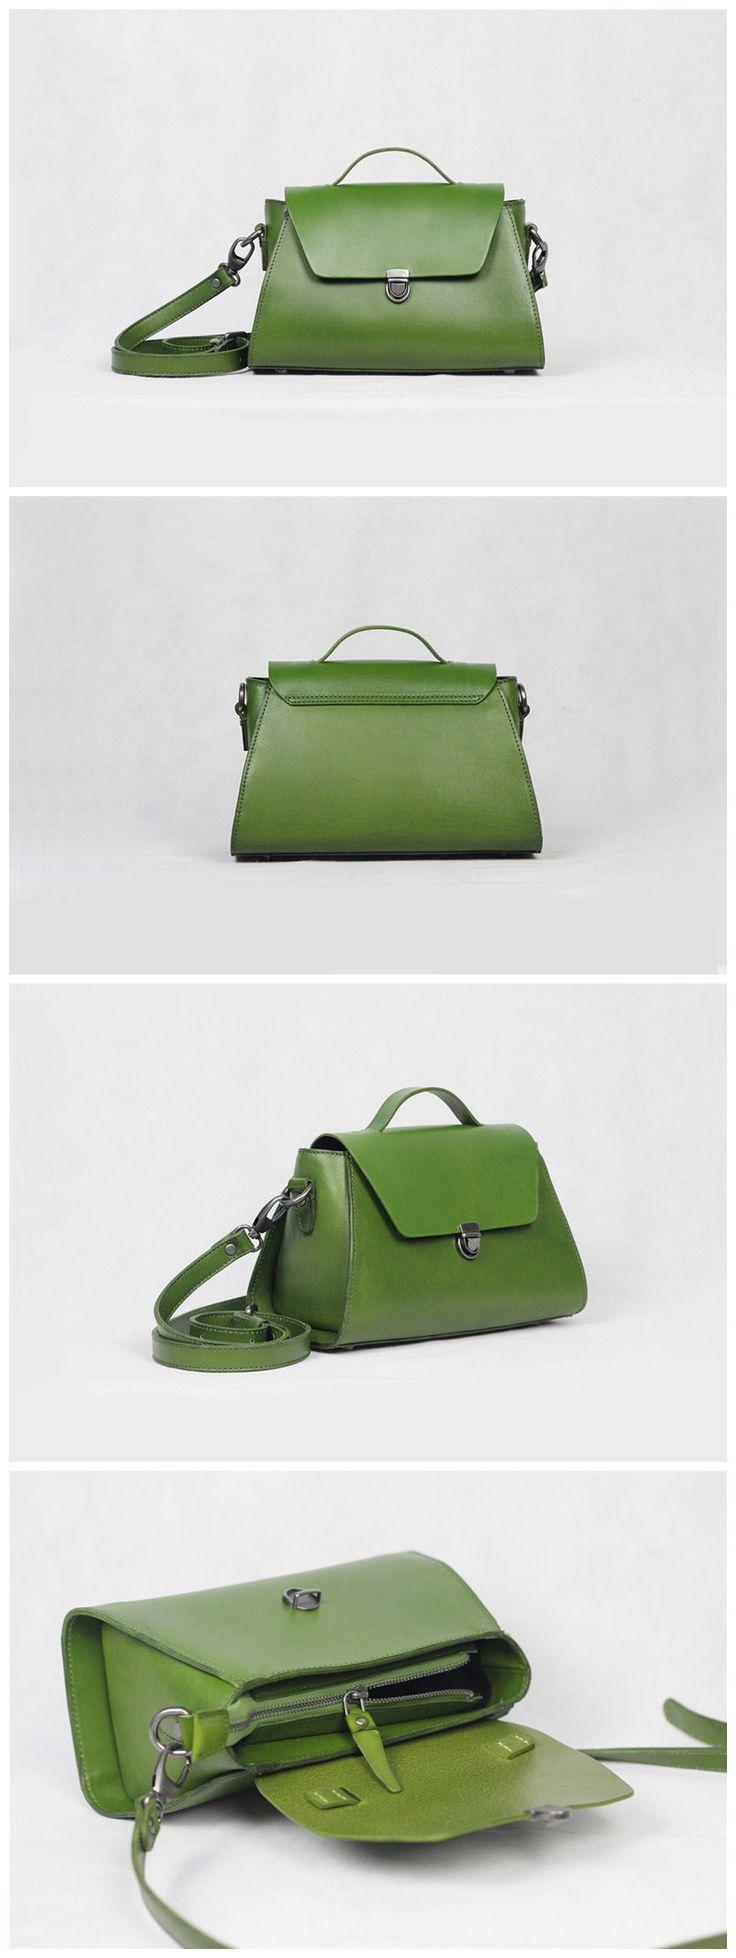 Genuine Leather Tote Bag Messenger Shoulder Lady Bag